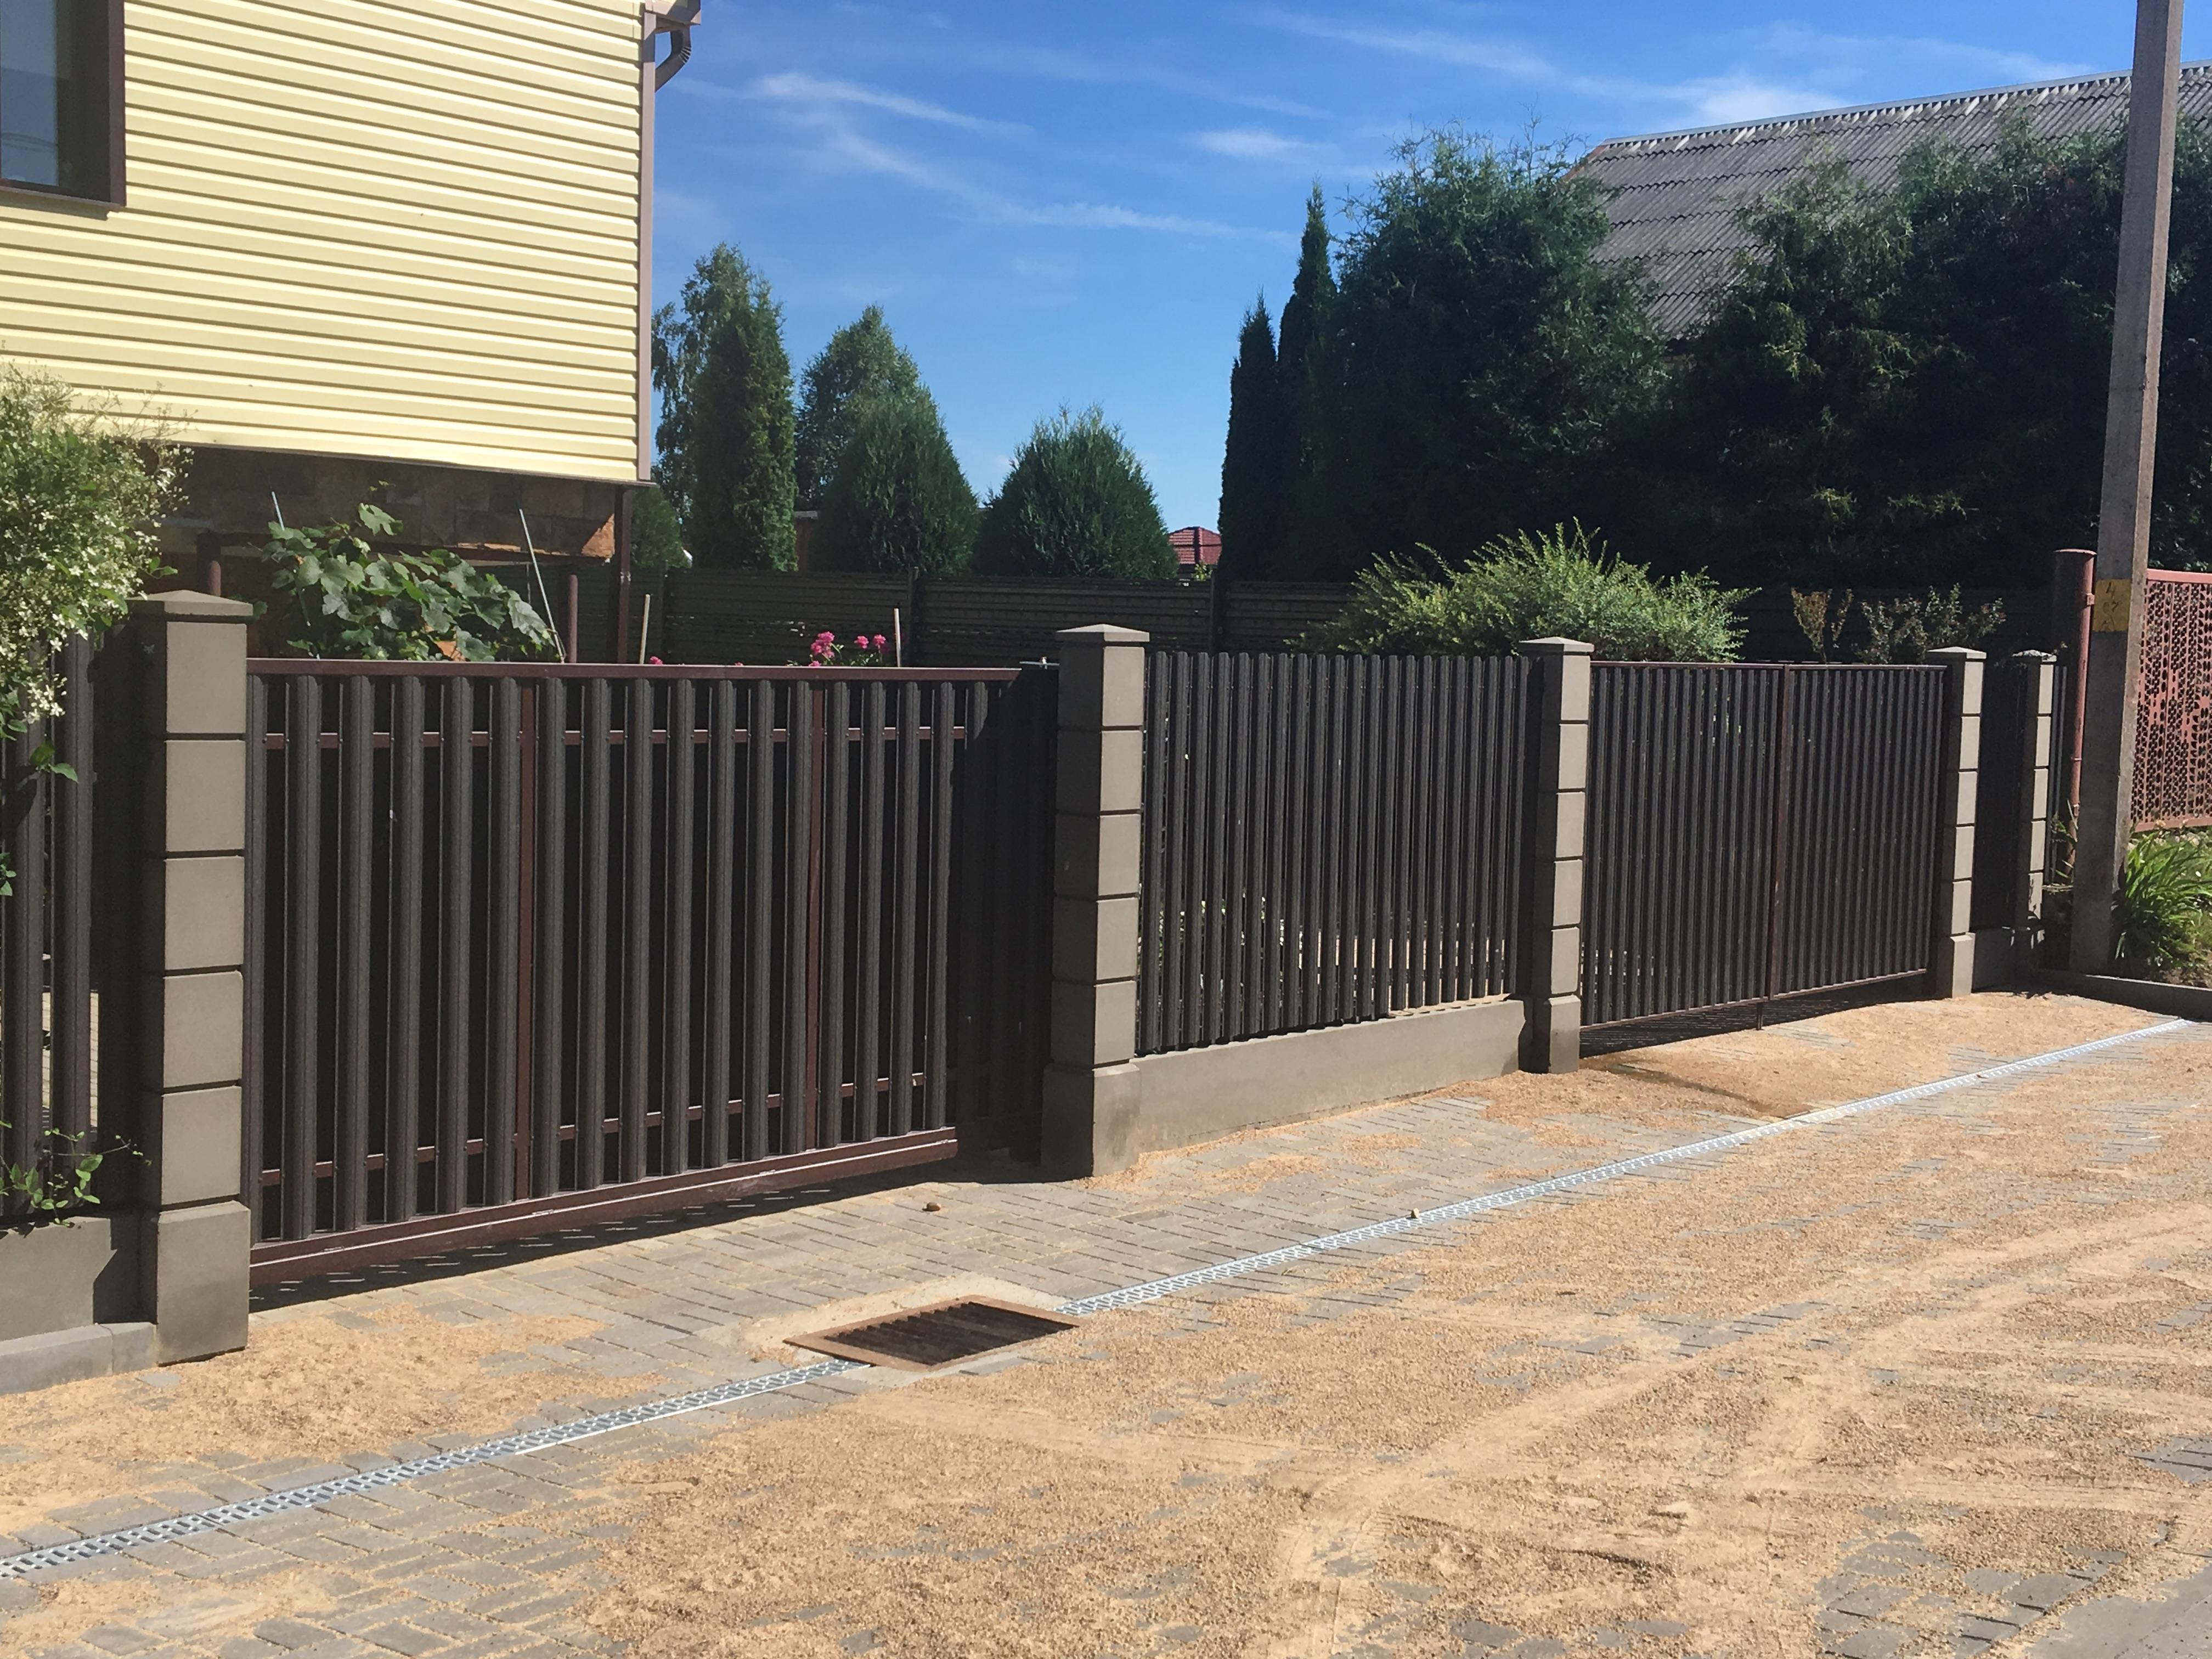 Забор из прессованного бетона купить еби бетон